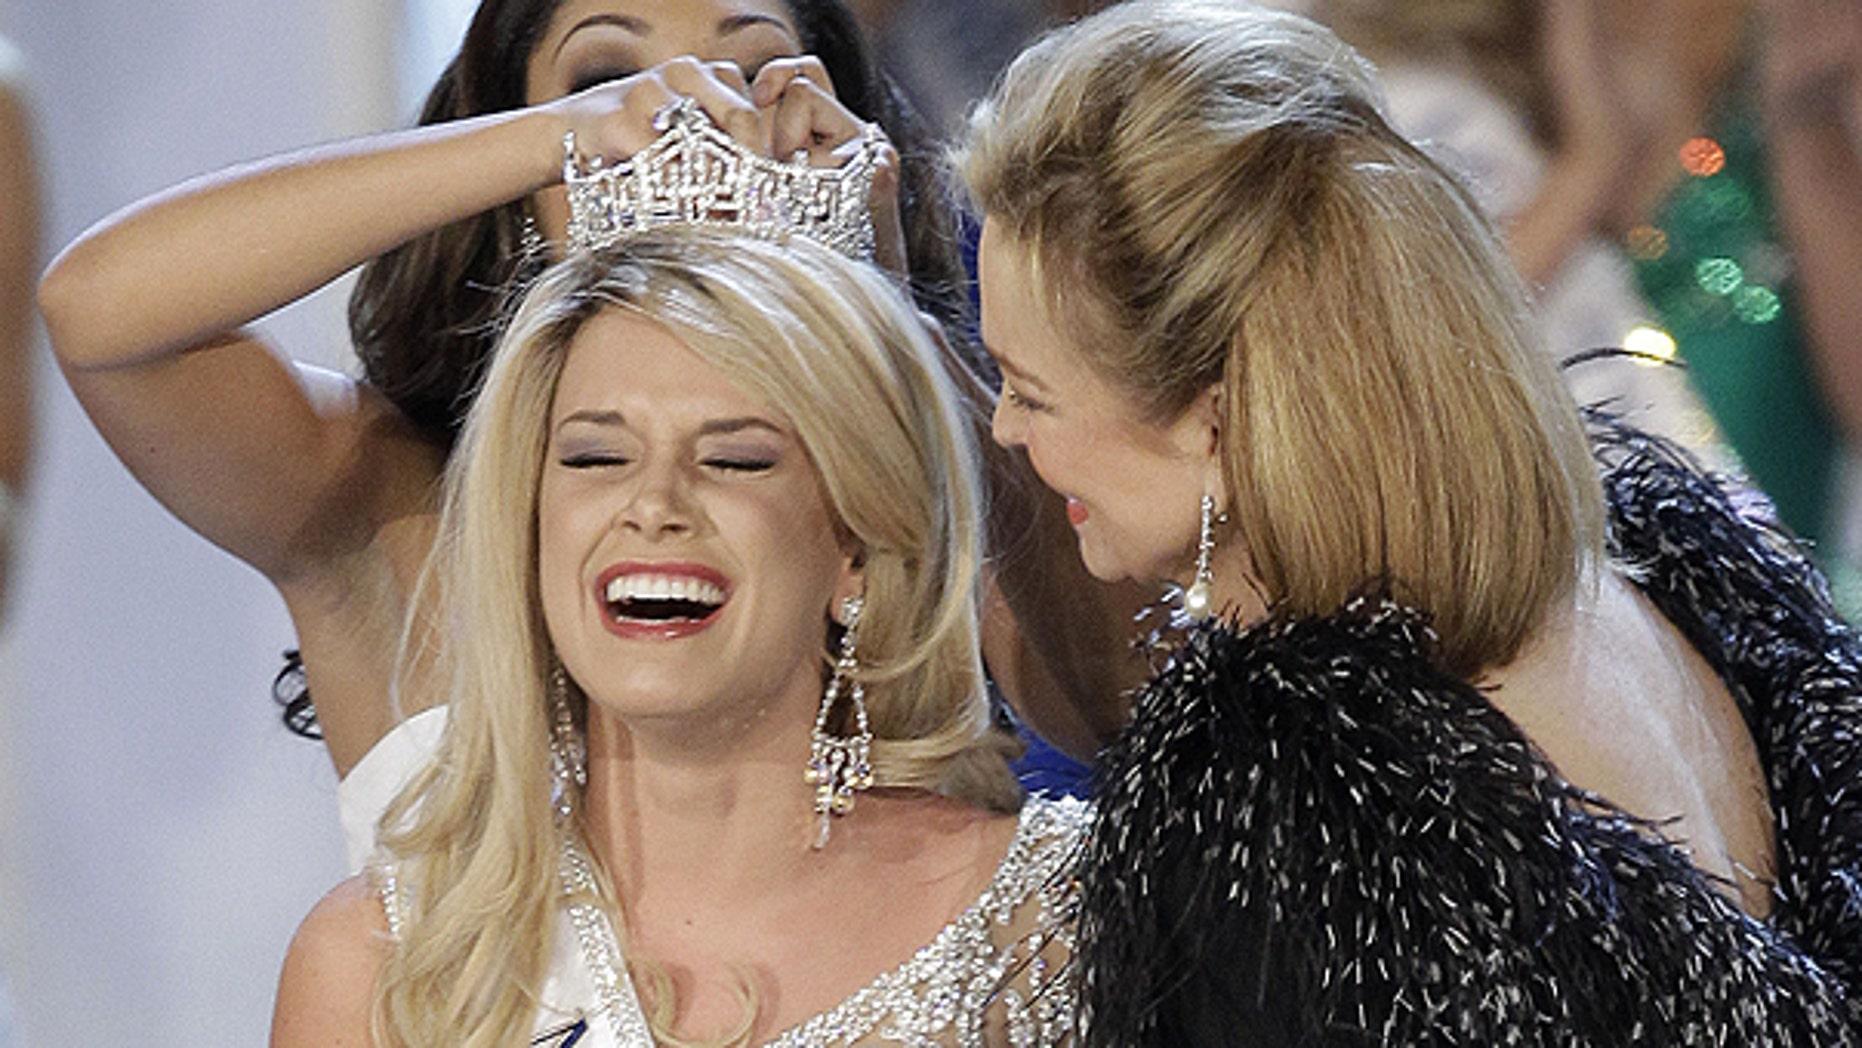 Jan. 15: Teresa Scanlan, Miss Nebraska, is crowned Miss America 2011 during the Miss America pageant in Las Vegas.